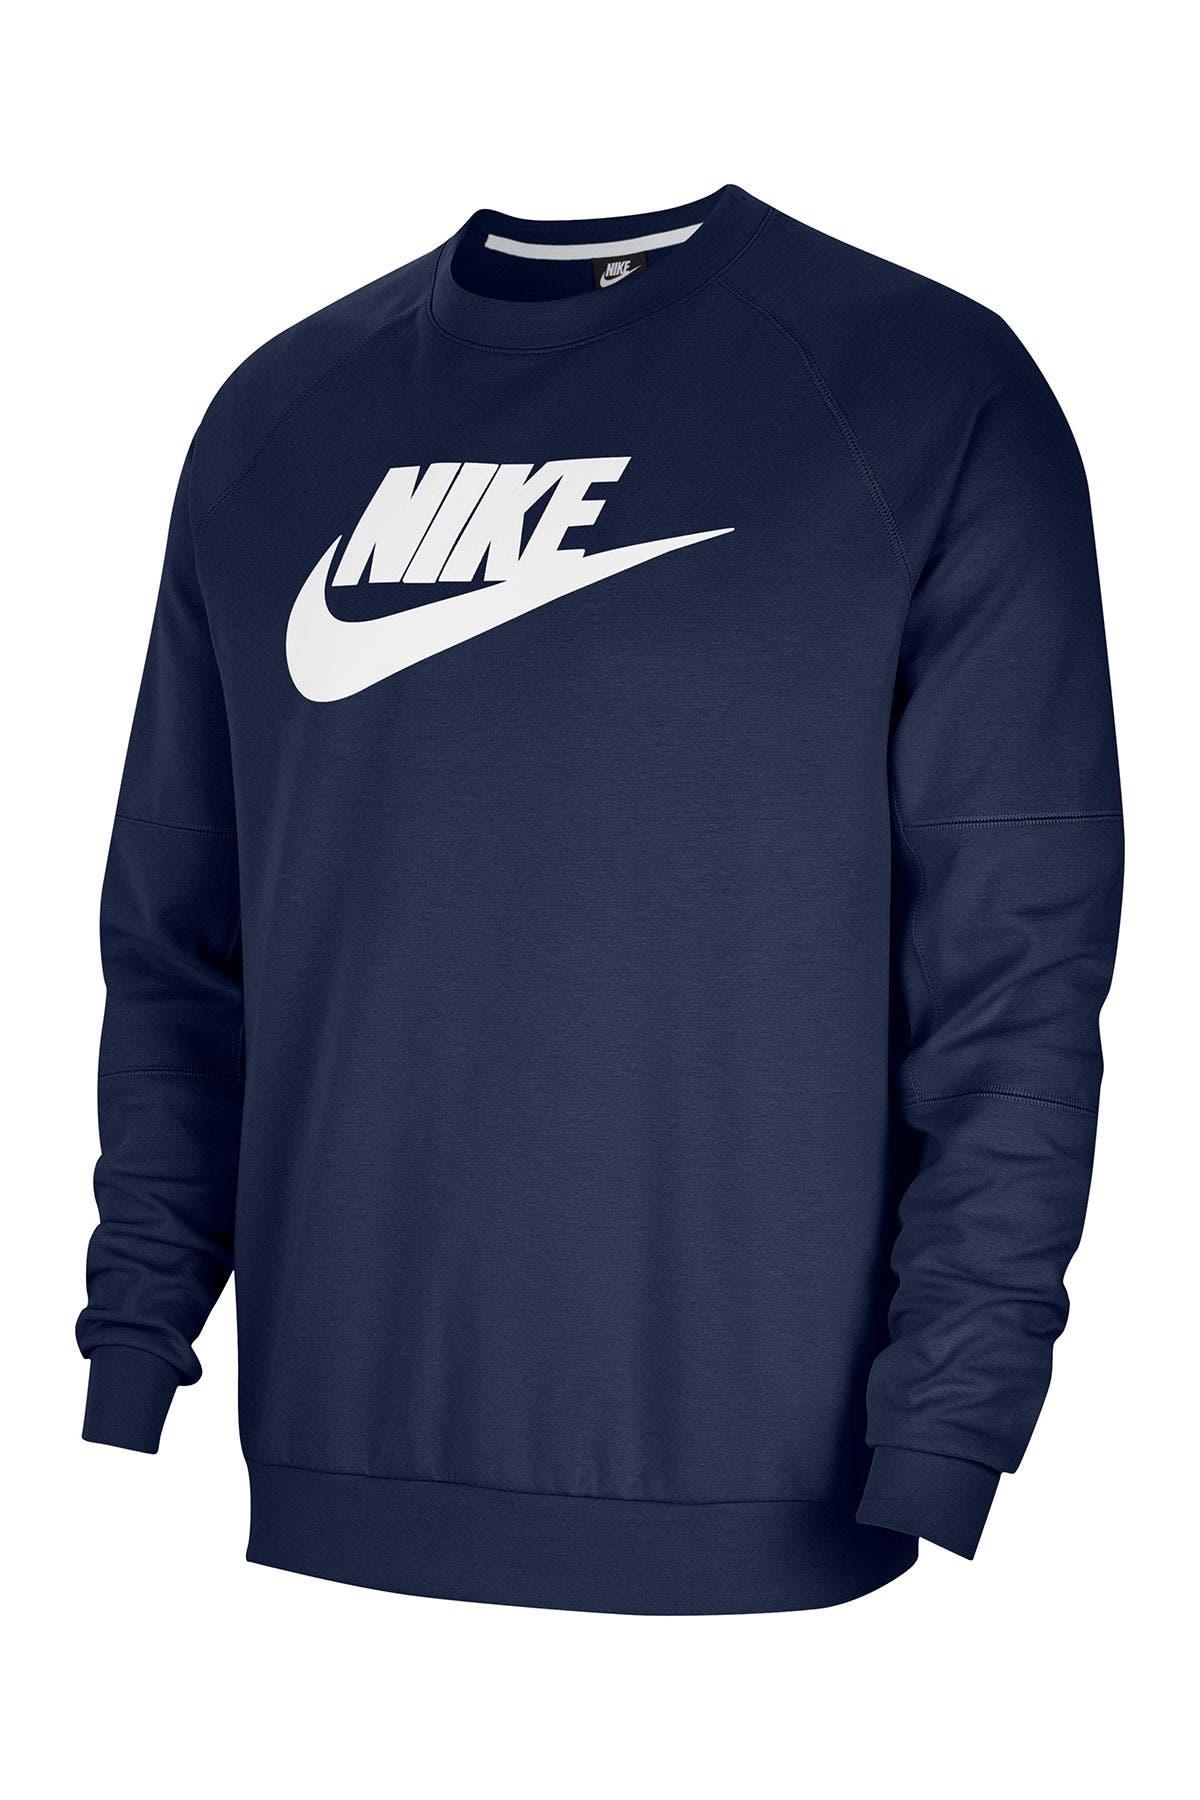 Image of Nike Modern Fleece Pullover Sweatshirt